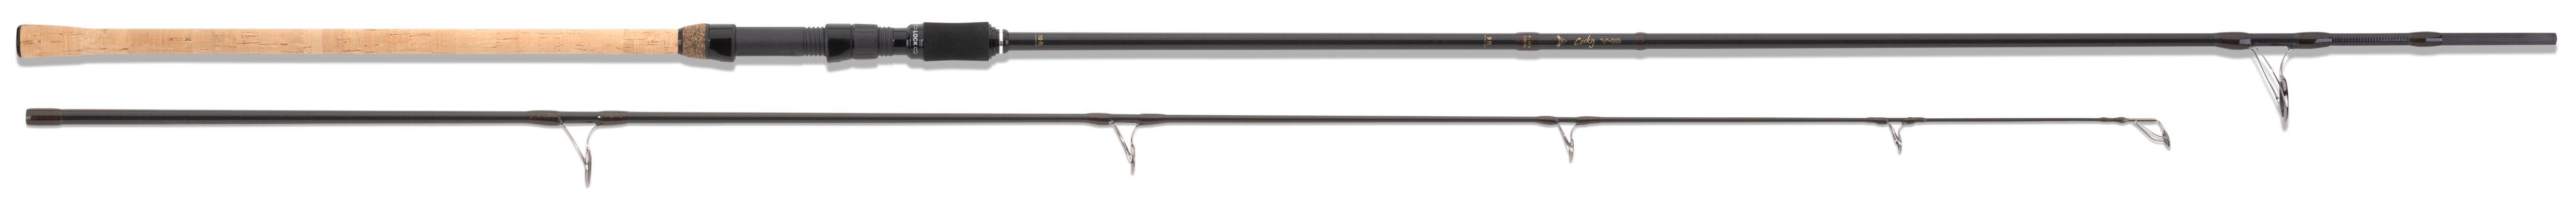 Anaconda prut Corky V-series 9-10 ft/ 3 lb